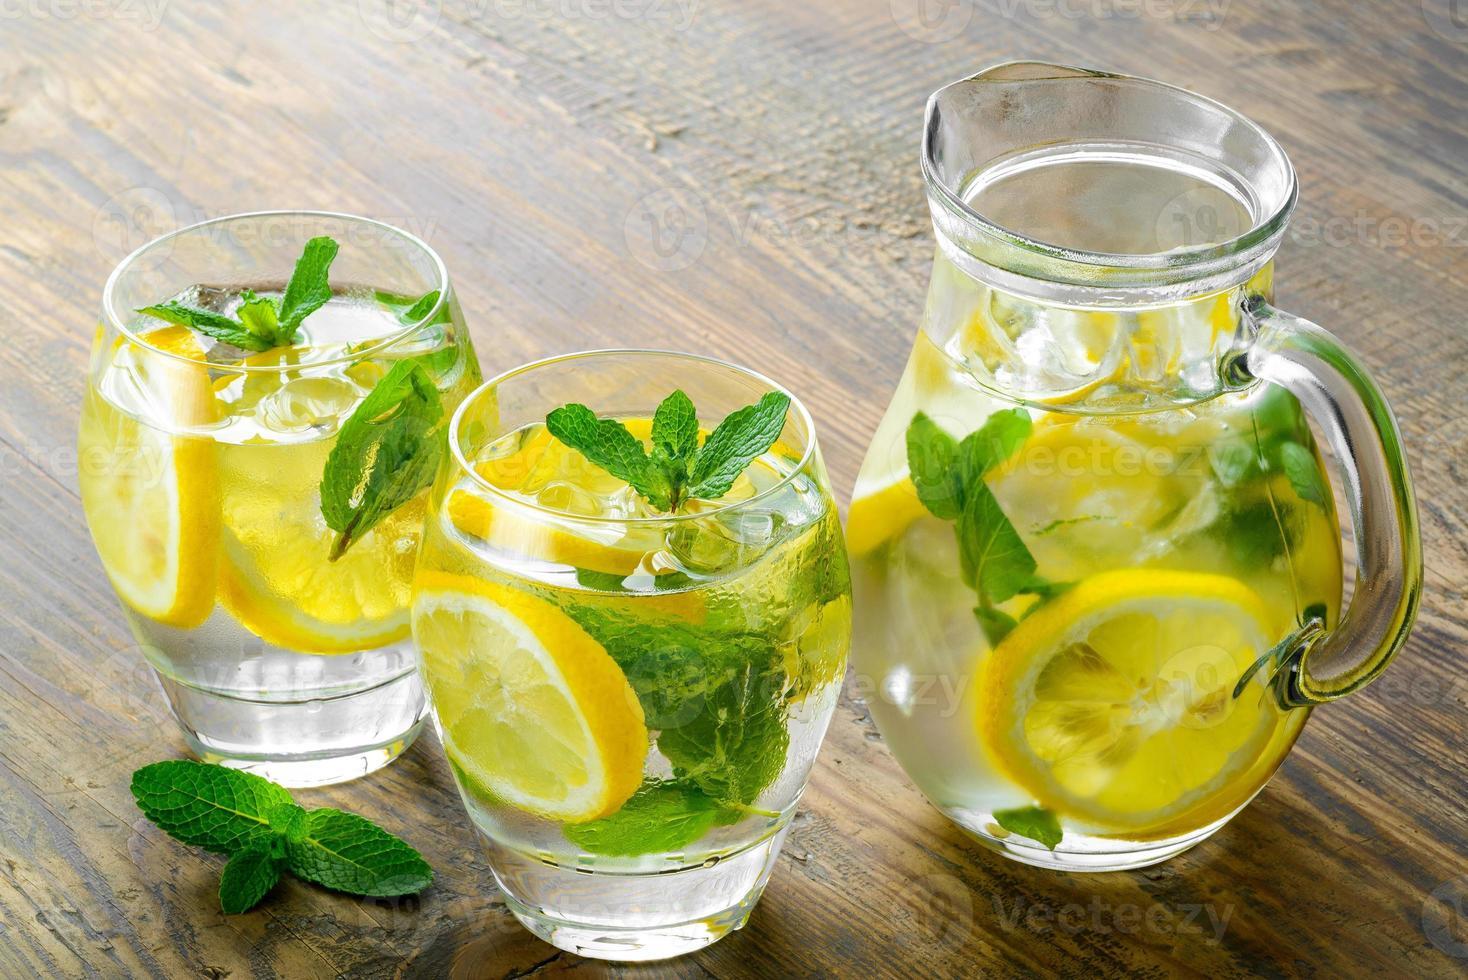 eau fraîche au citron, menthe et concombre photo